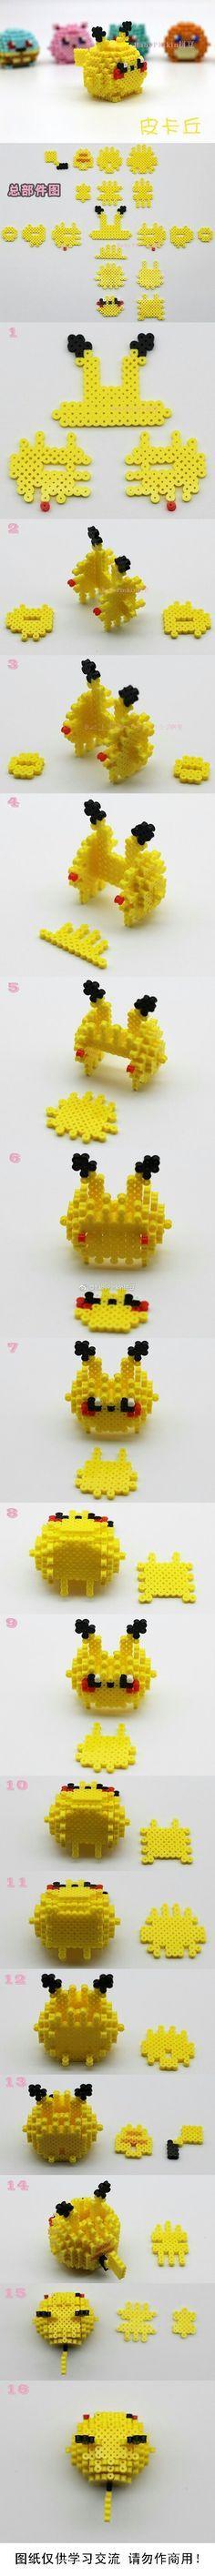 3d pikachu pokemon